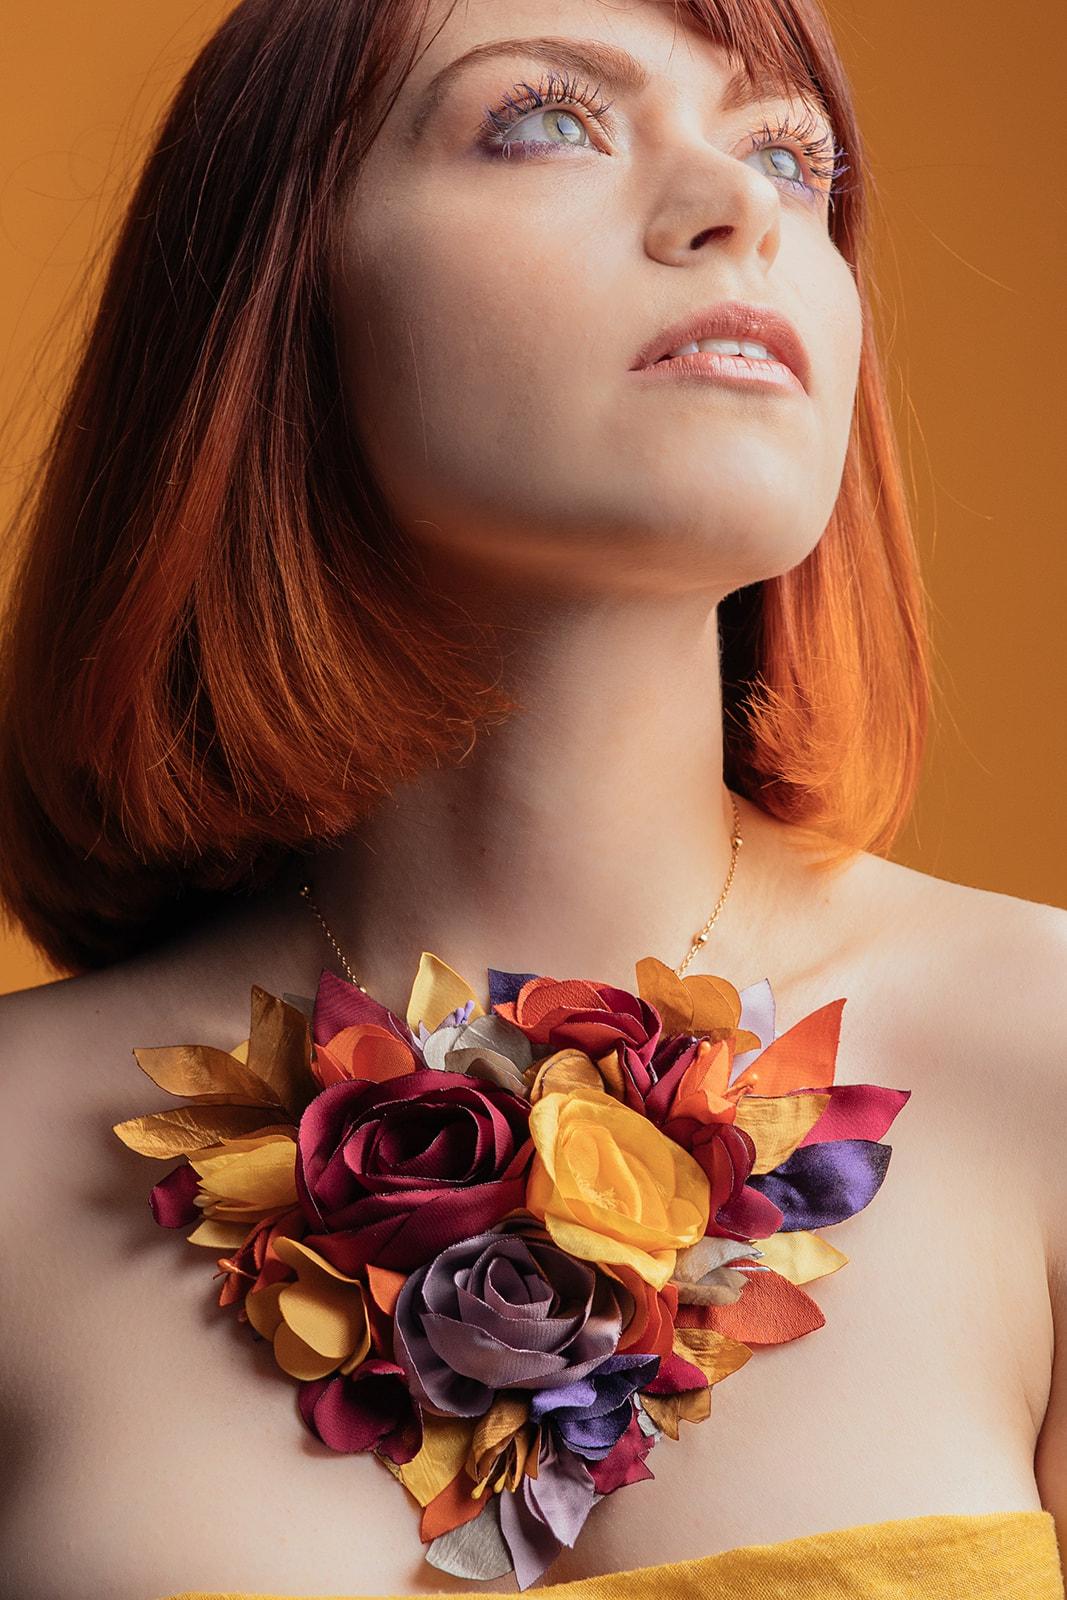 Collier fleuri oversize Collection Pantone 2021 Alice MARTY Couture florale Accessoires mariée